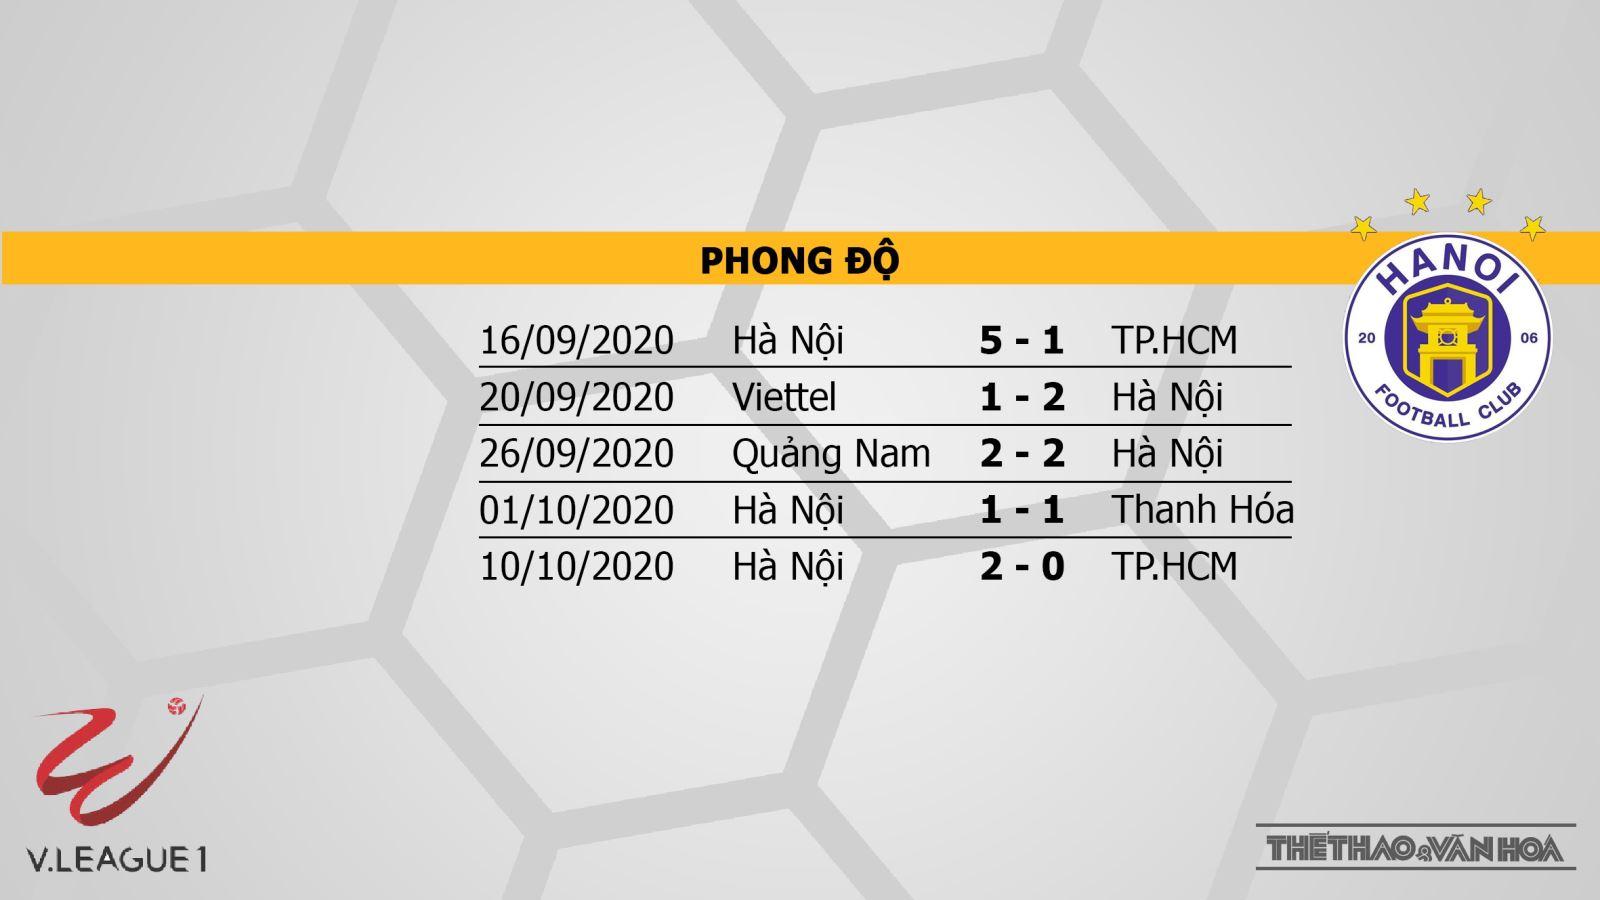 HAGL vs Hà Nội, HAGL, Hà Nội, soi kèo HAGL vs Hà Nội, nhận định HAGL vs Hà Nội, trực tiếp HAGL vs Hà Nội, soi kèo bóng đá, kèo bóng đá